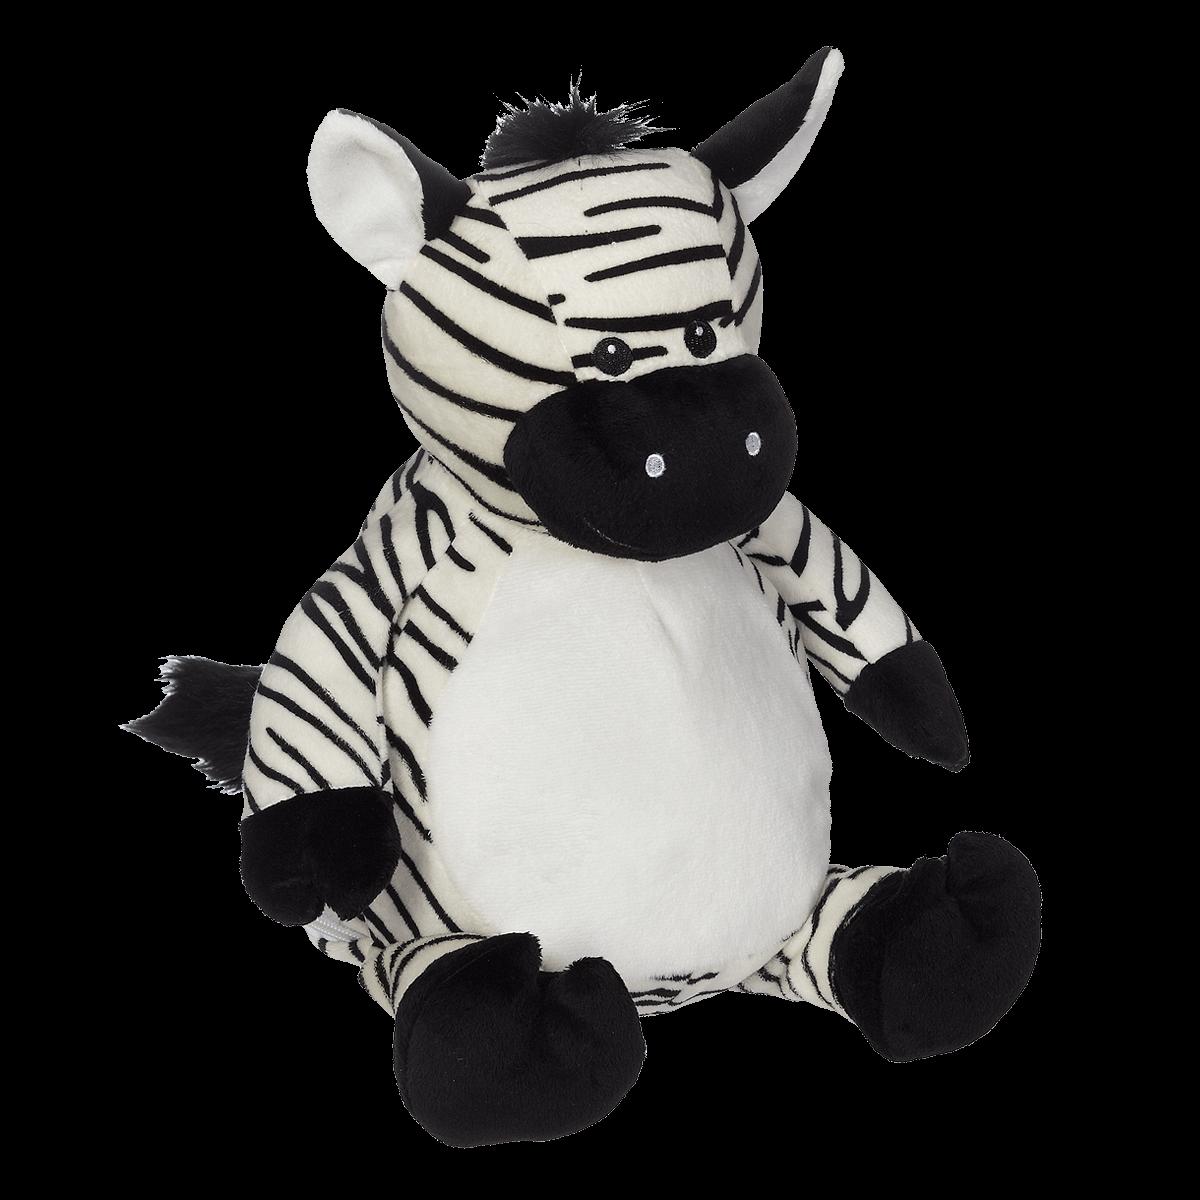 Zachery Zebra Buddy